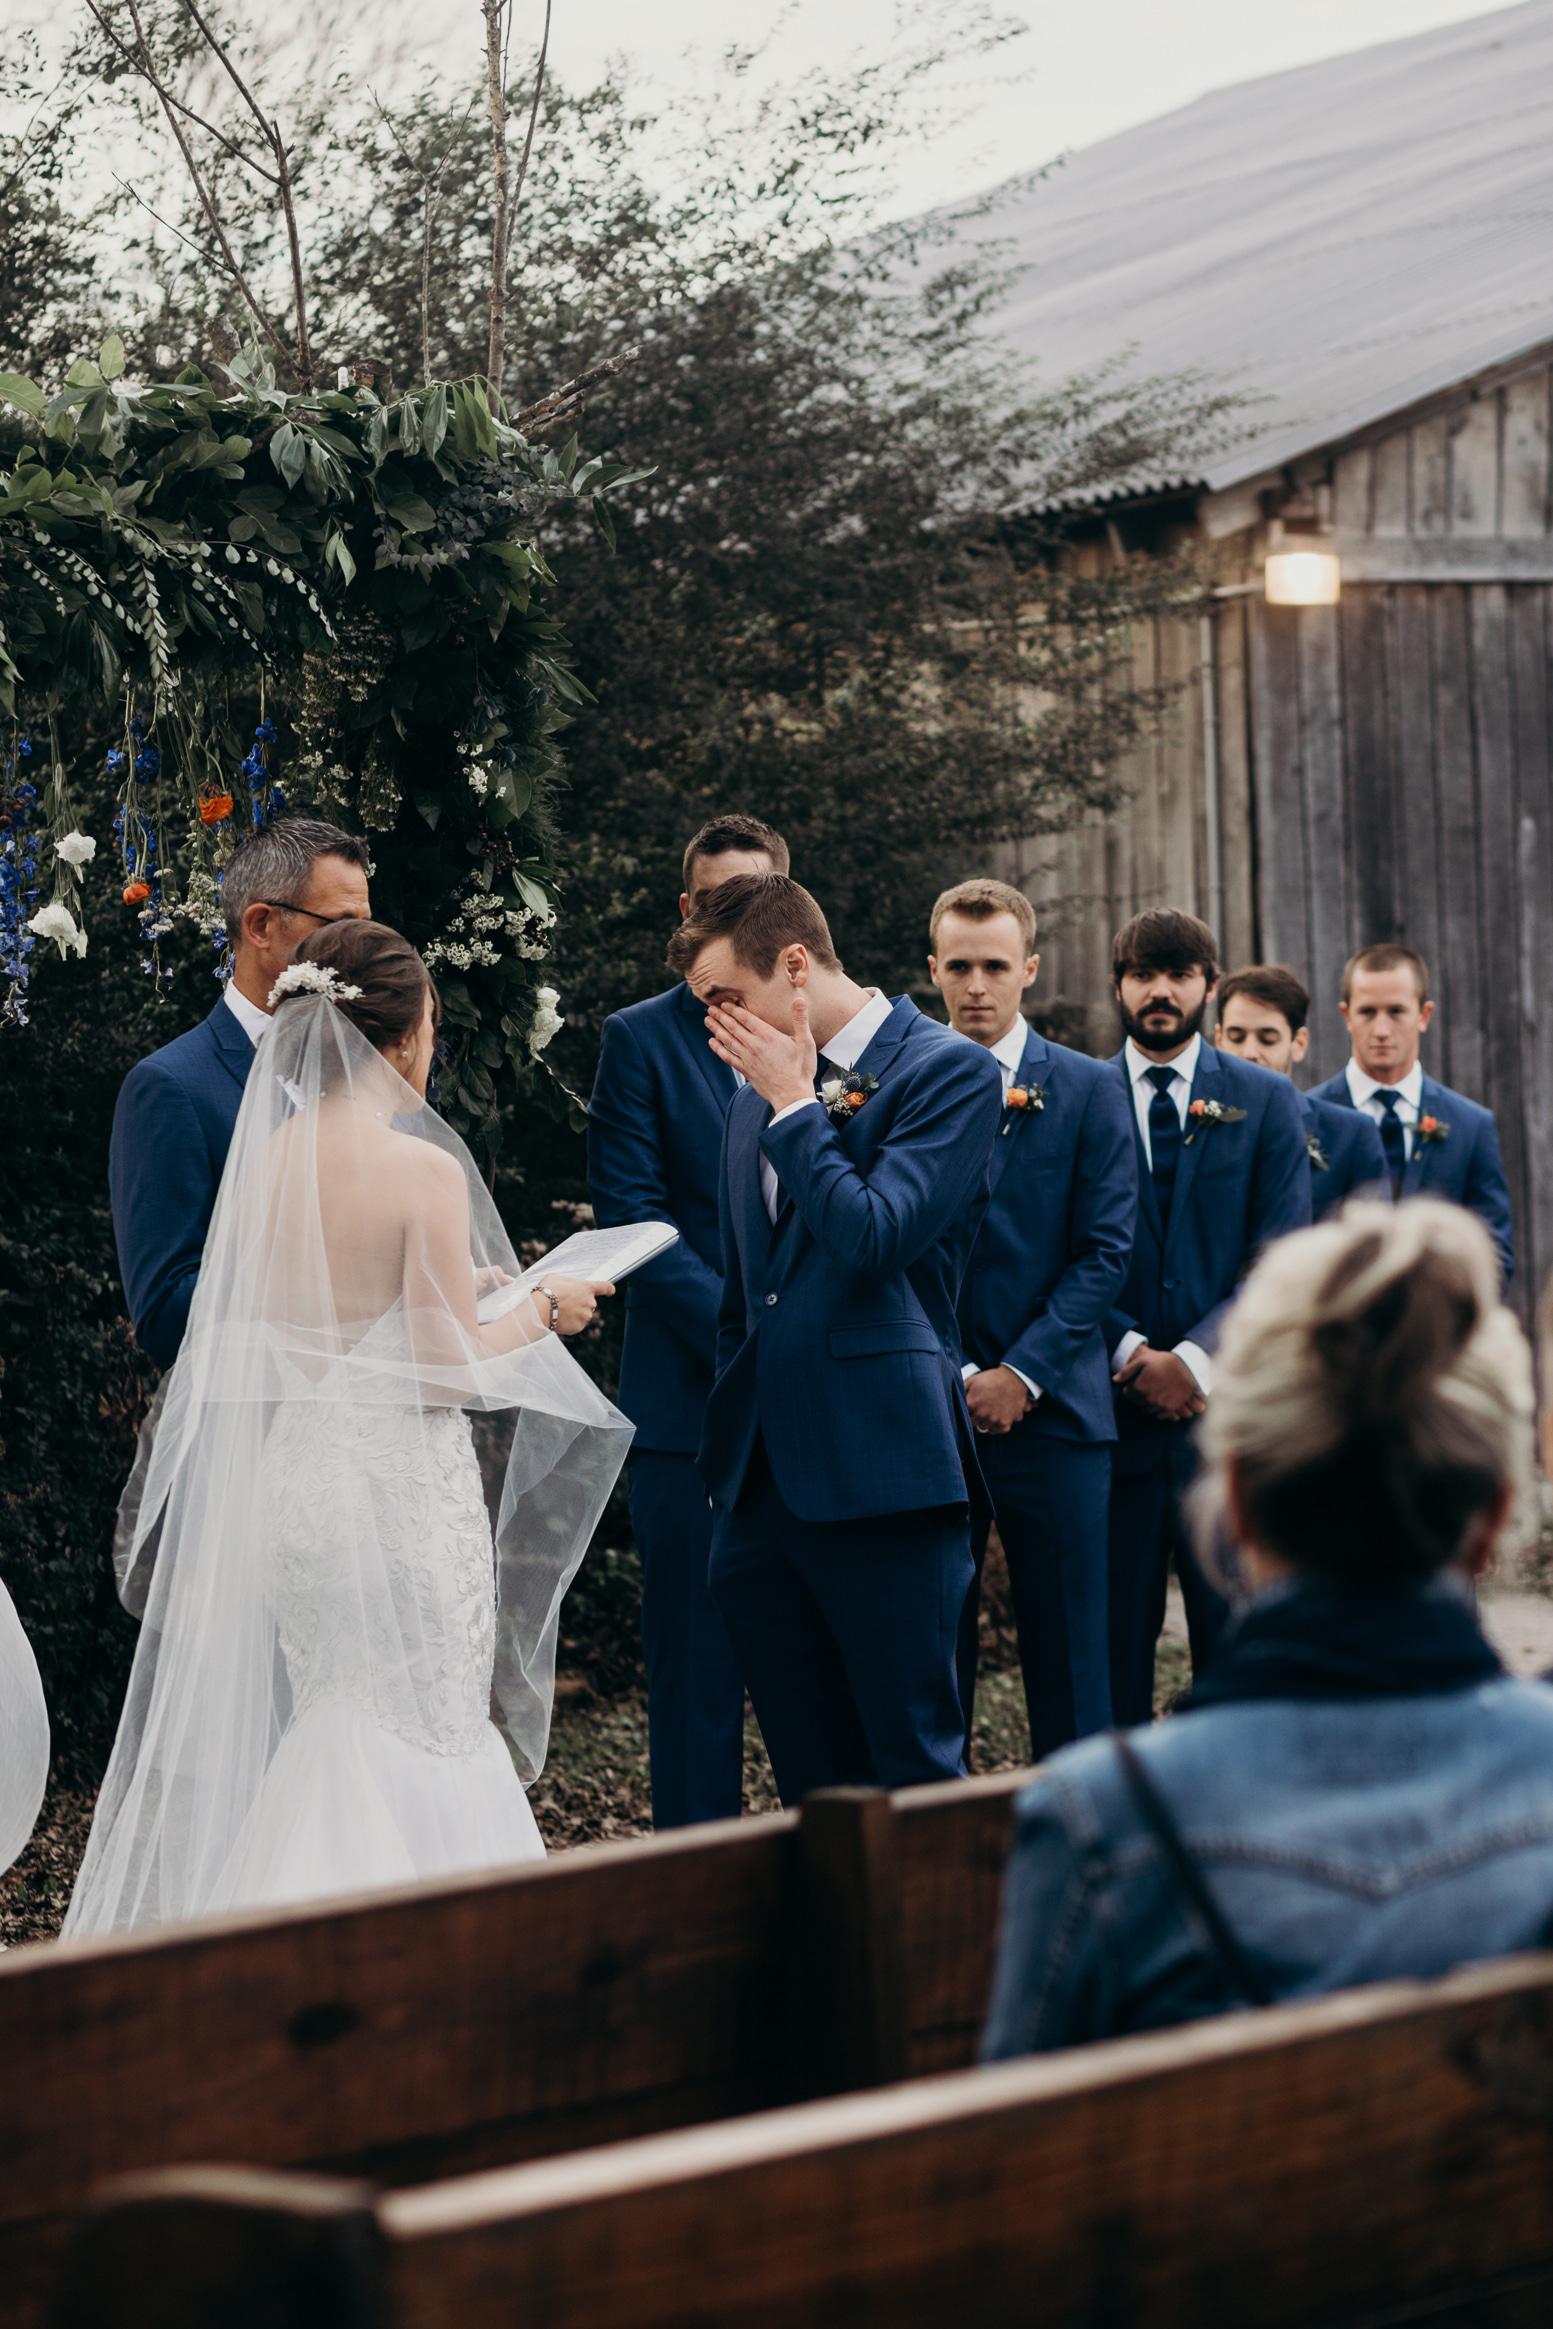 504-ltw-morgan-adam-wedding.jpg